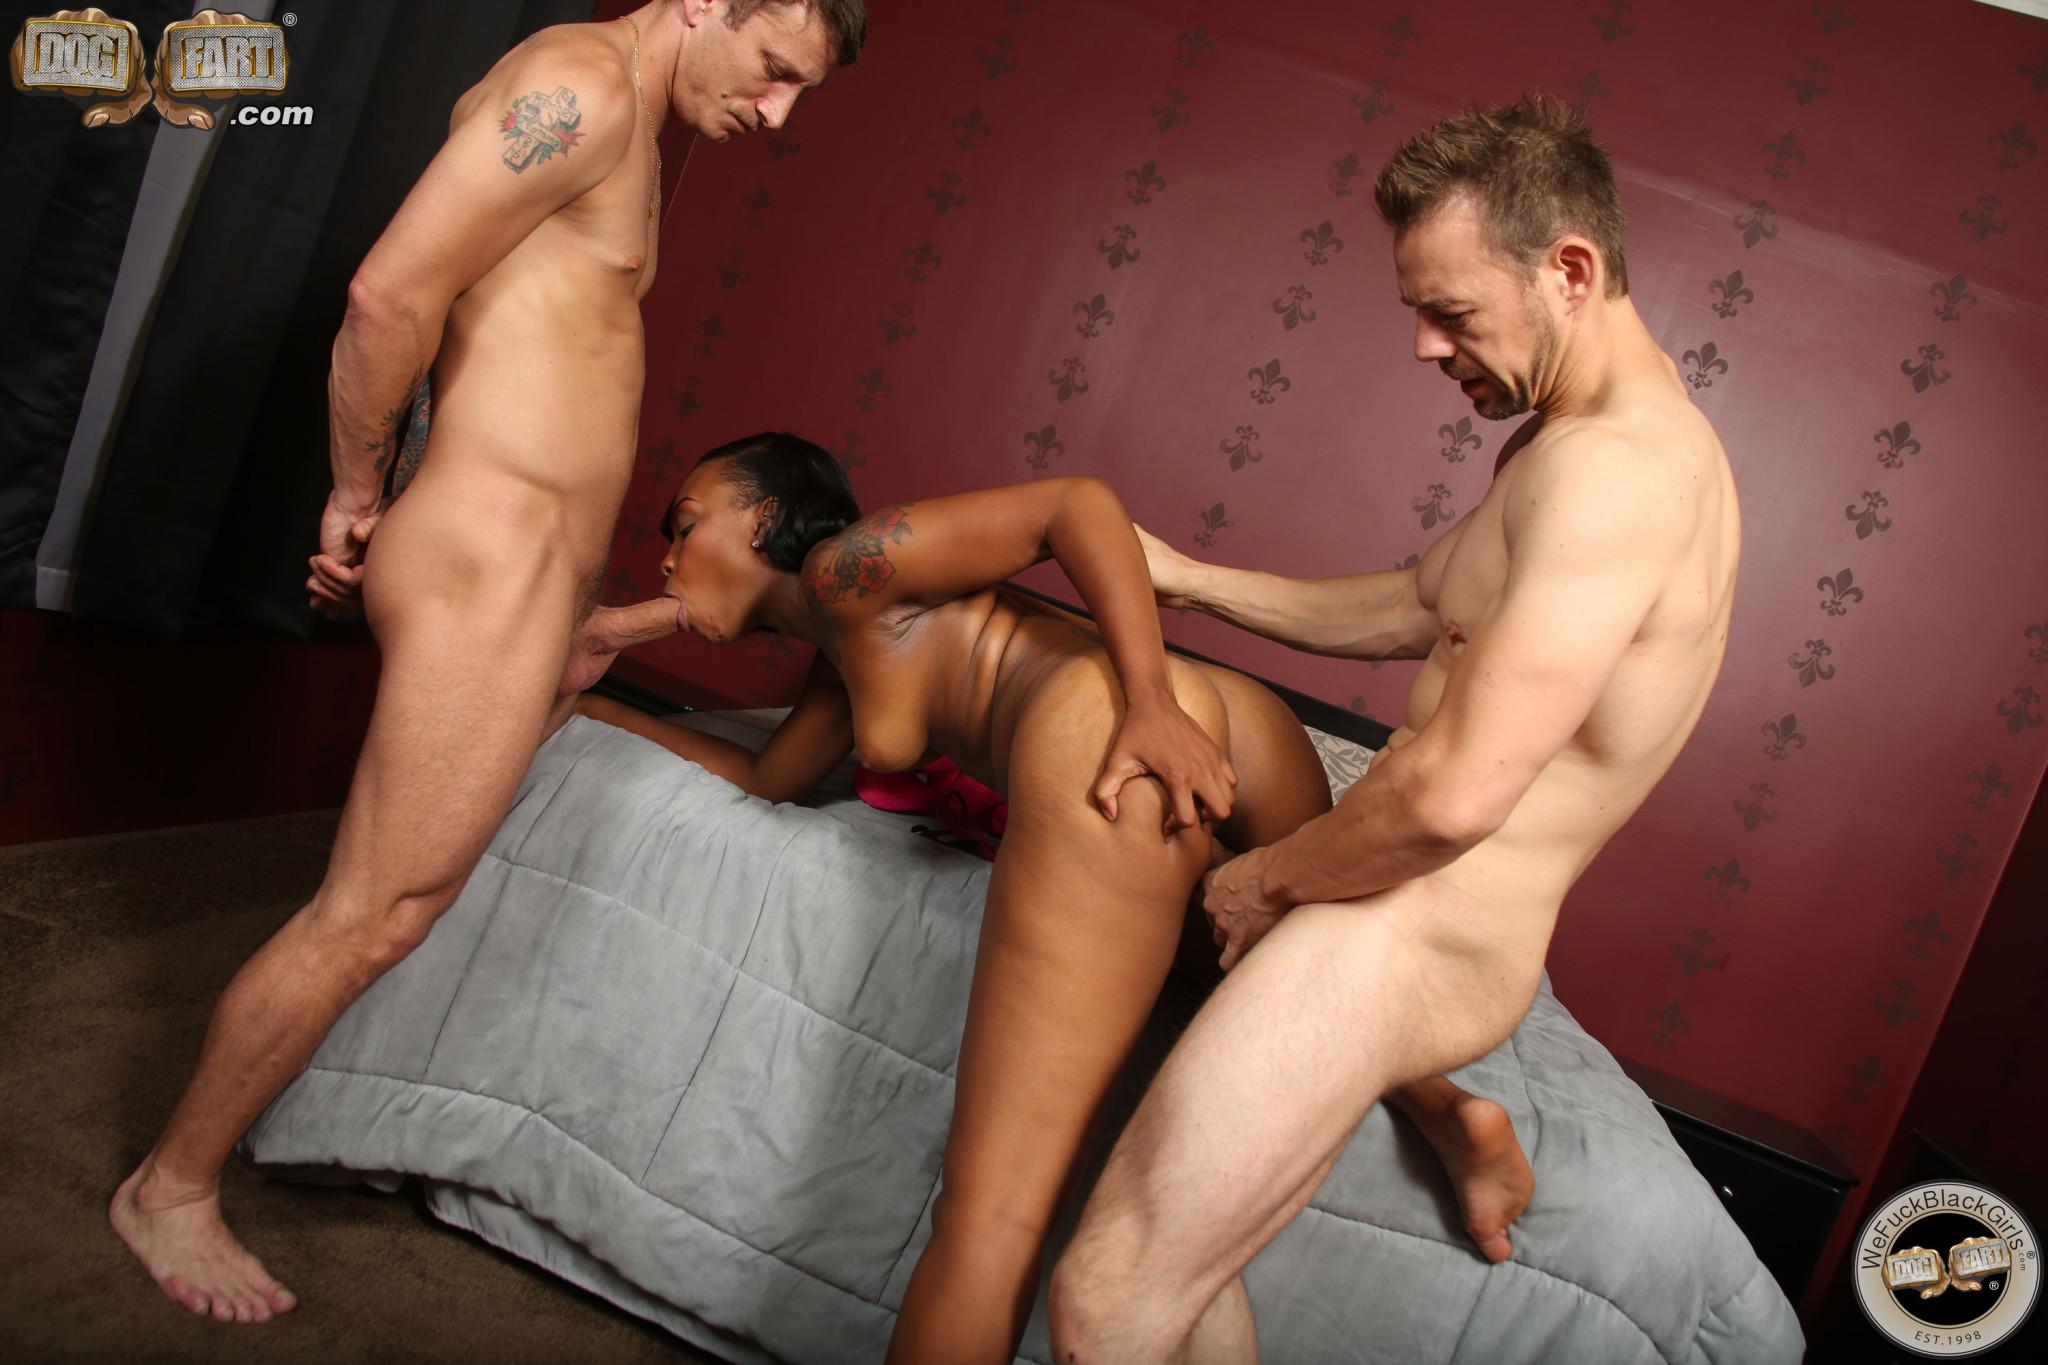 Никки Форд отдается сразу двум мужчинам, и они устраивают ей мощную прочистку всех щелей